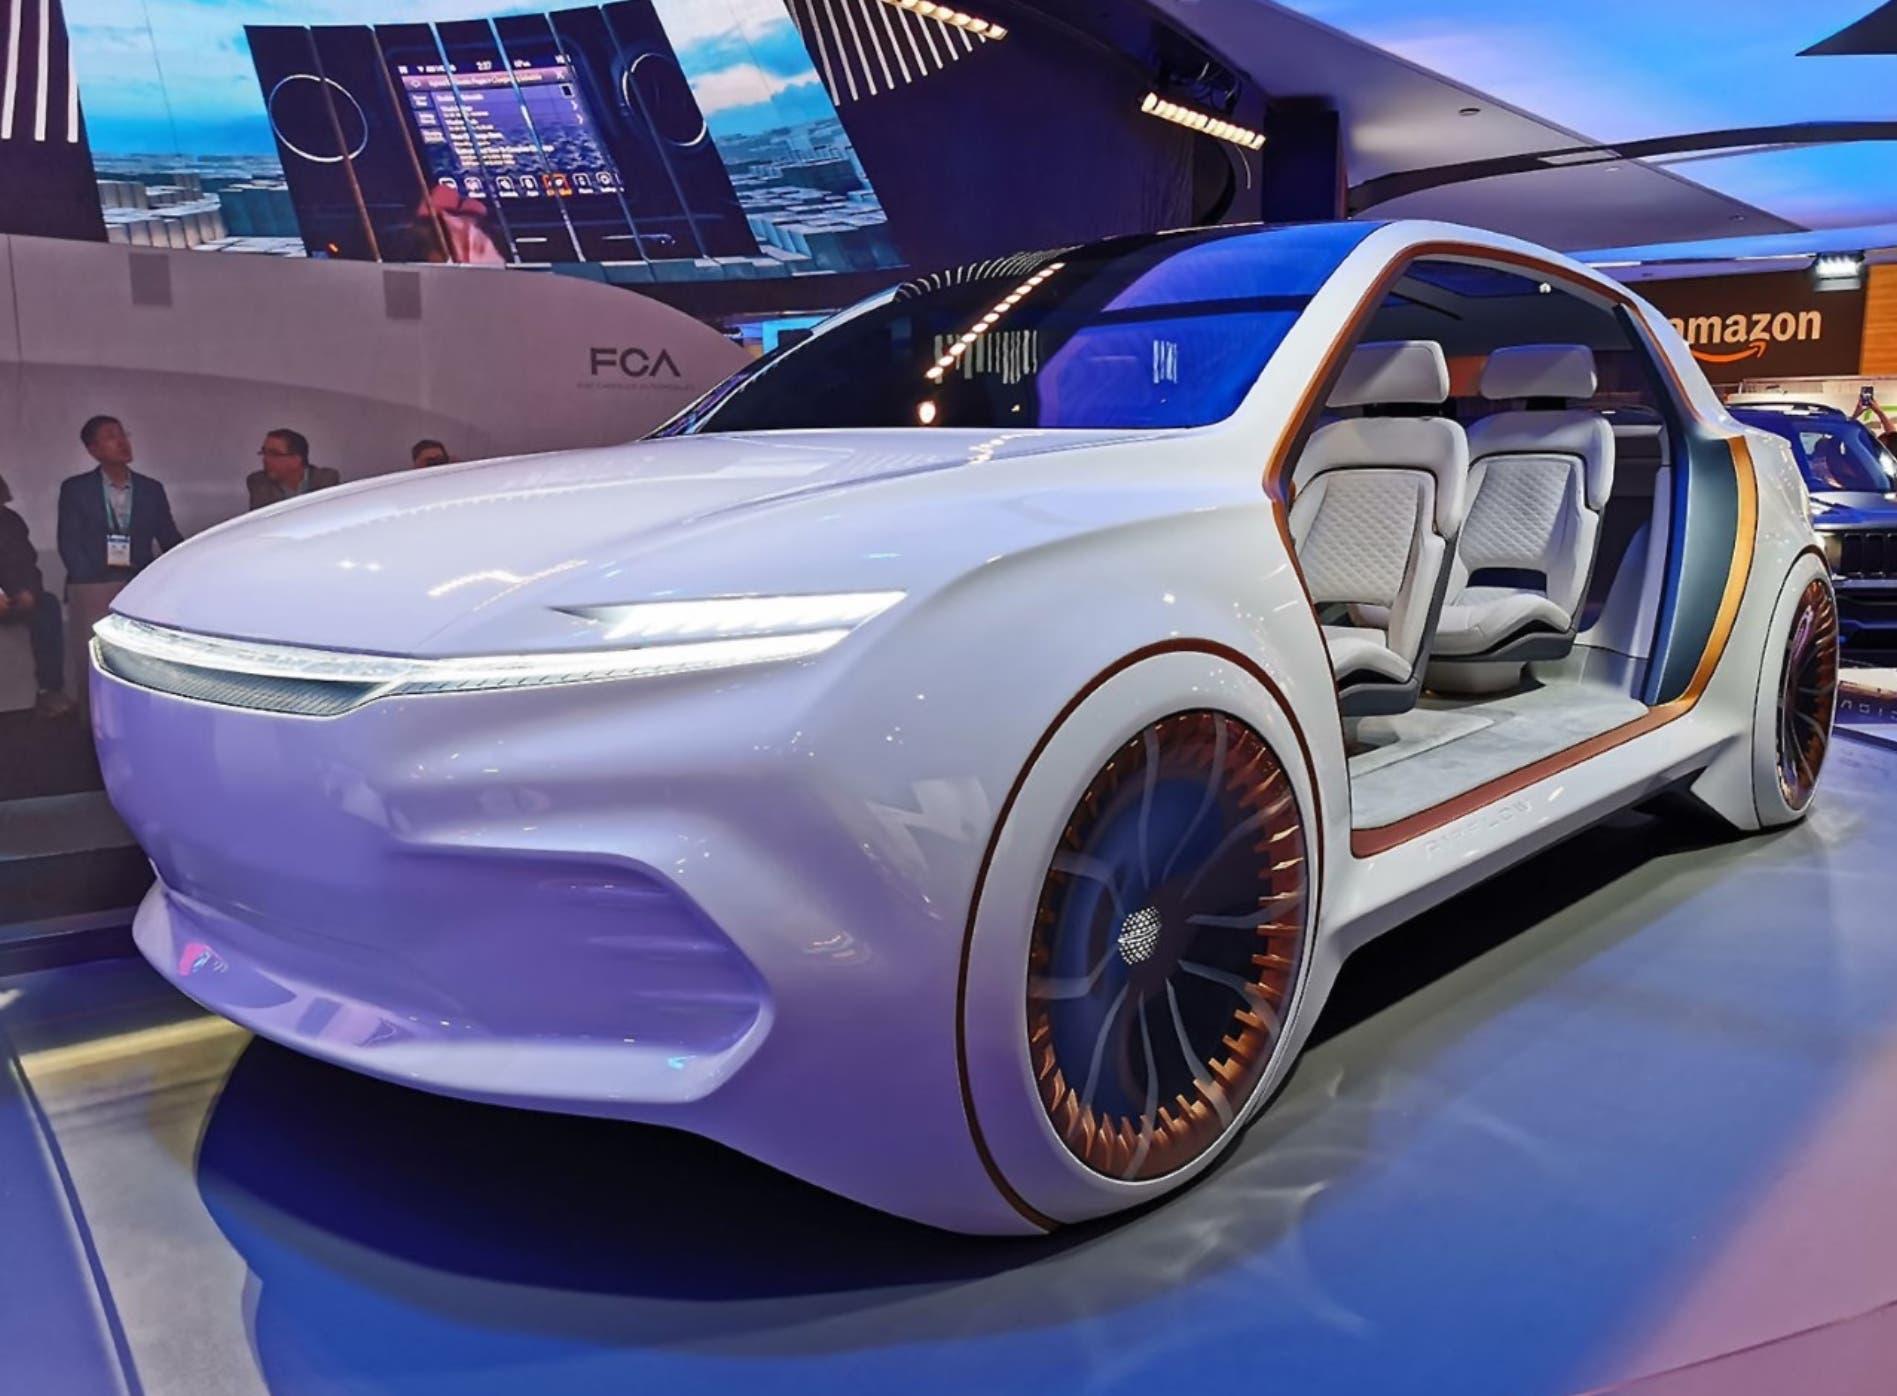 Chrysler Airflow Vision Concept ¿el futuro de FCA?